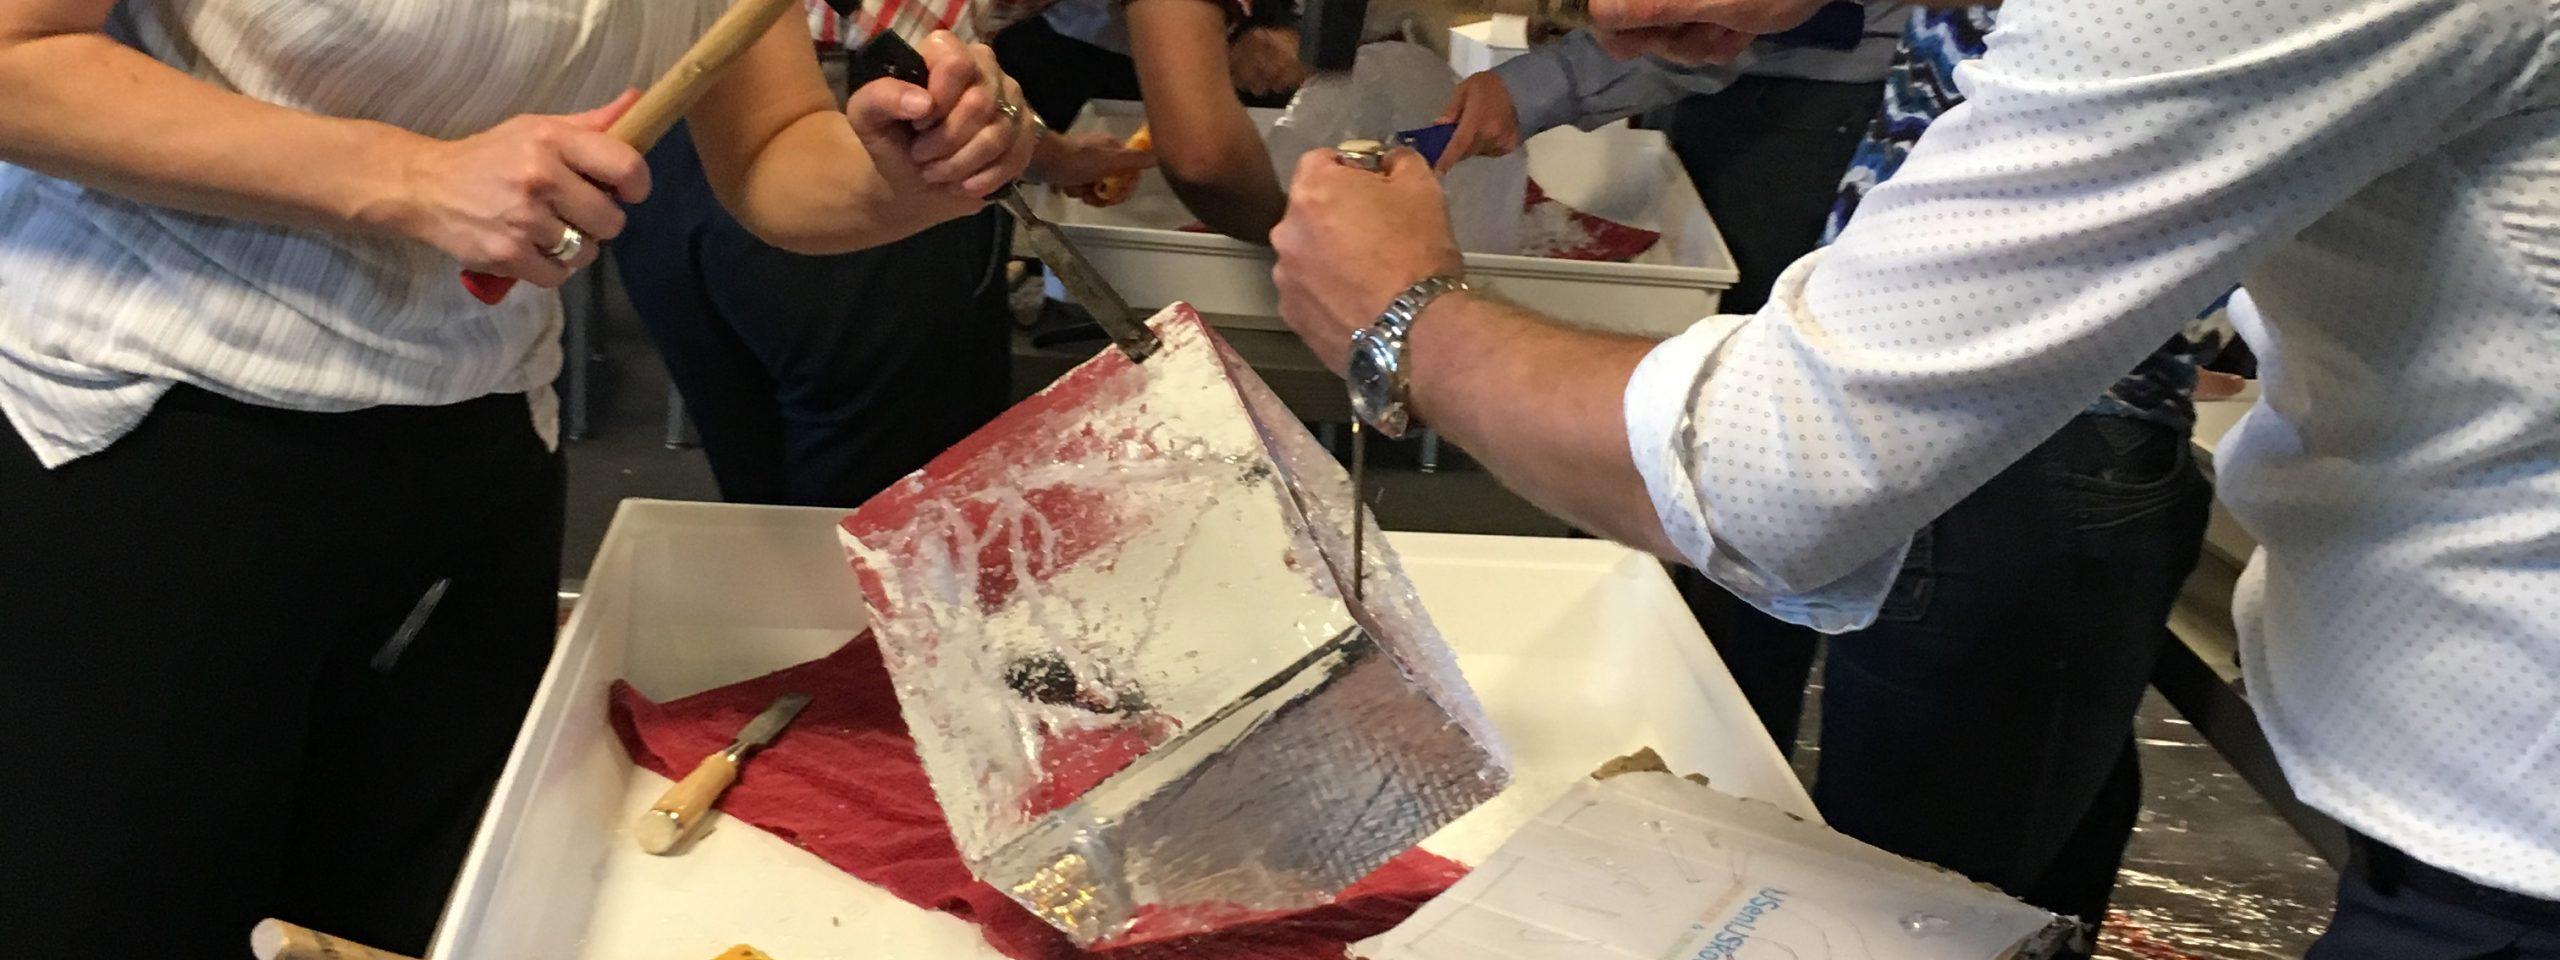 teamuitje-den-bosch-hoofdpagina-ijssculpturen